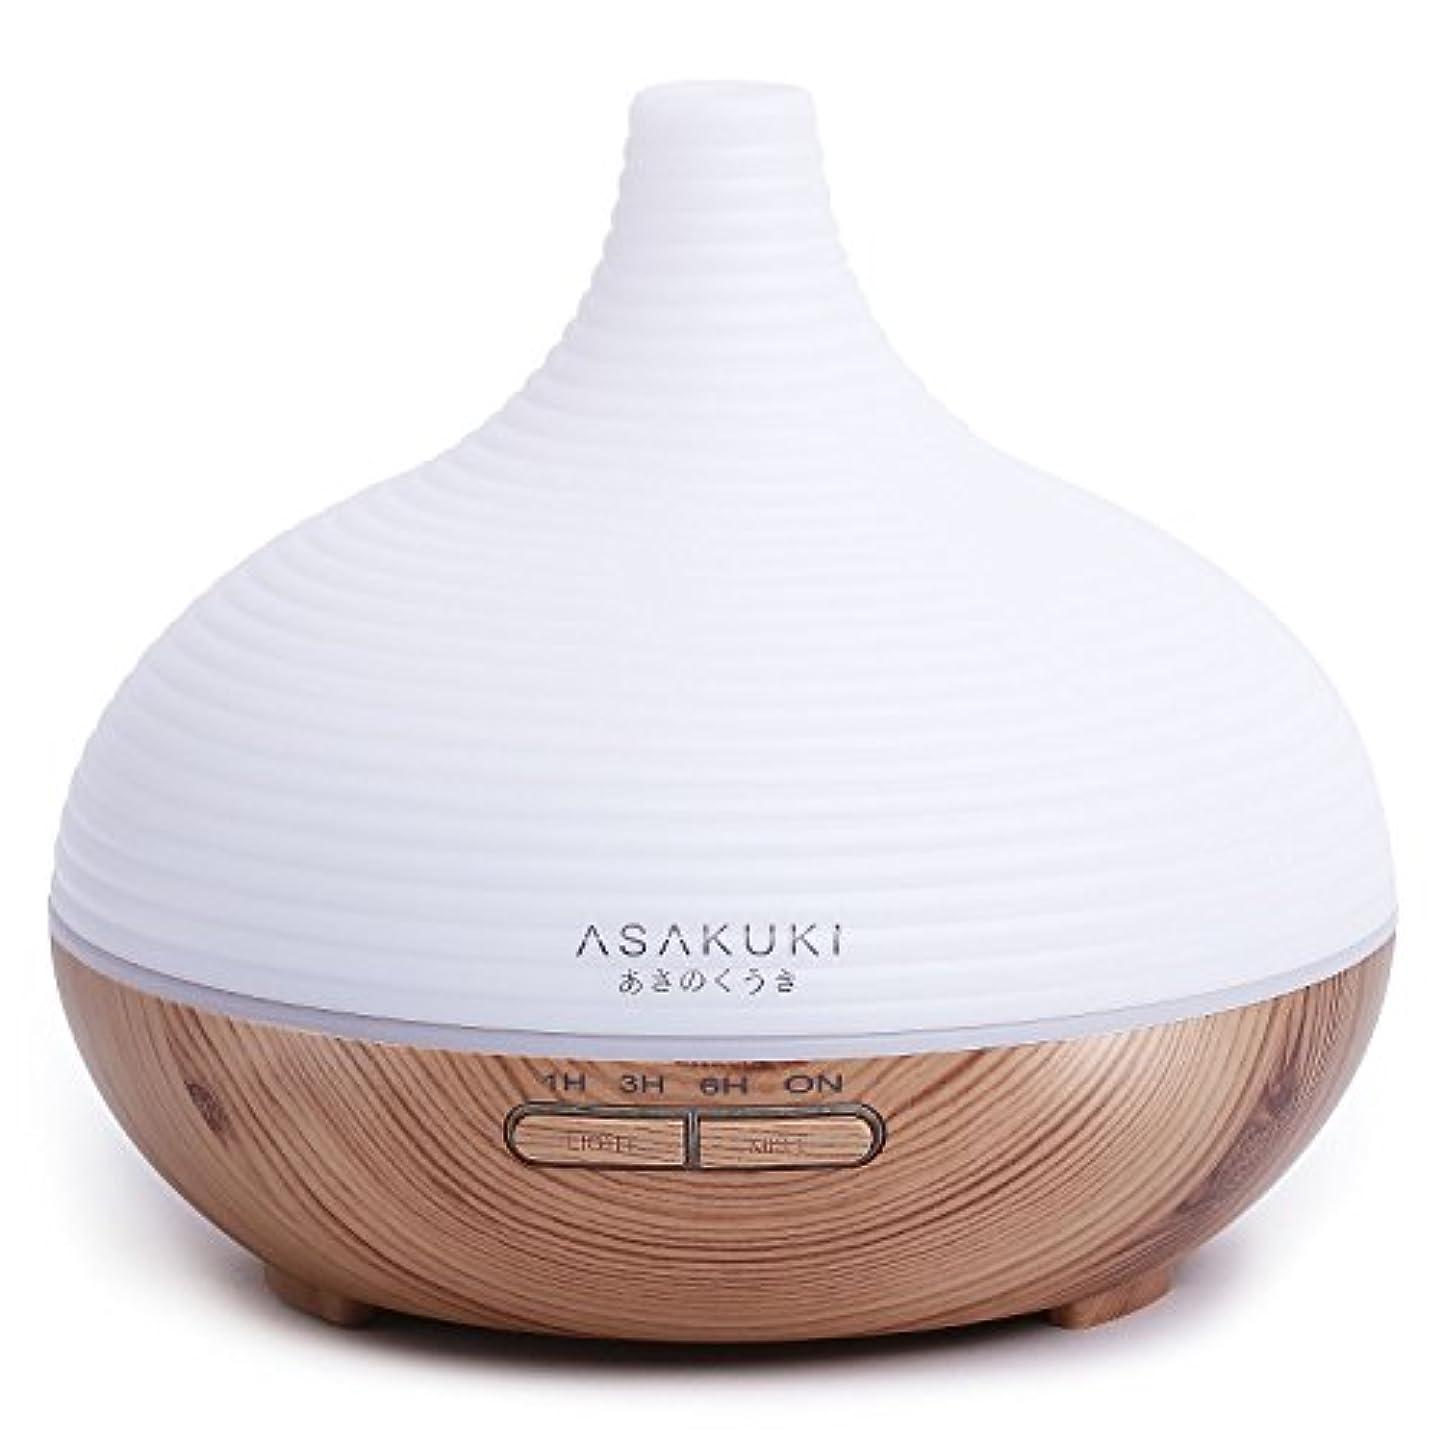 離す教養がある非常にasakuki 300 mlプレミアム、Essential Oil Diffuser、静かな5 - in - 1加湿器、自然Home Fragrance Diffuser with 7 LEDの色変更ライトと簡単にクリーン...